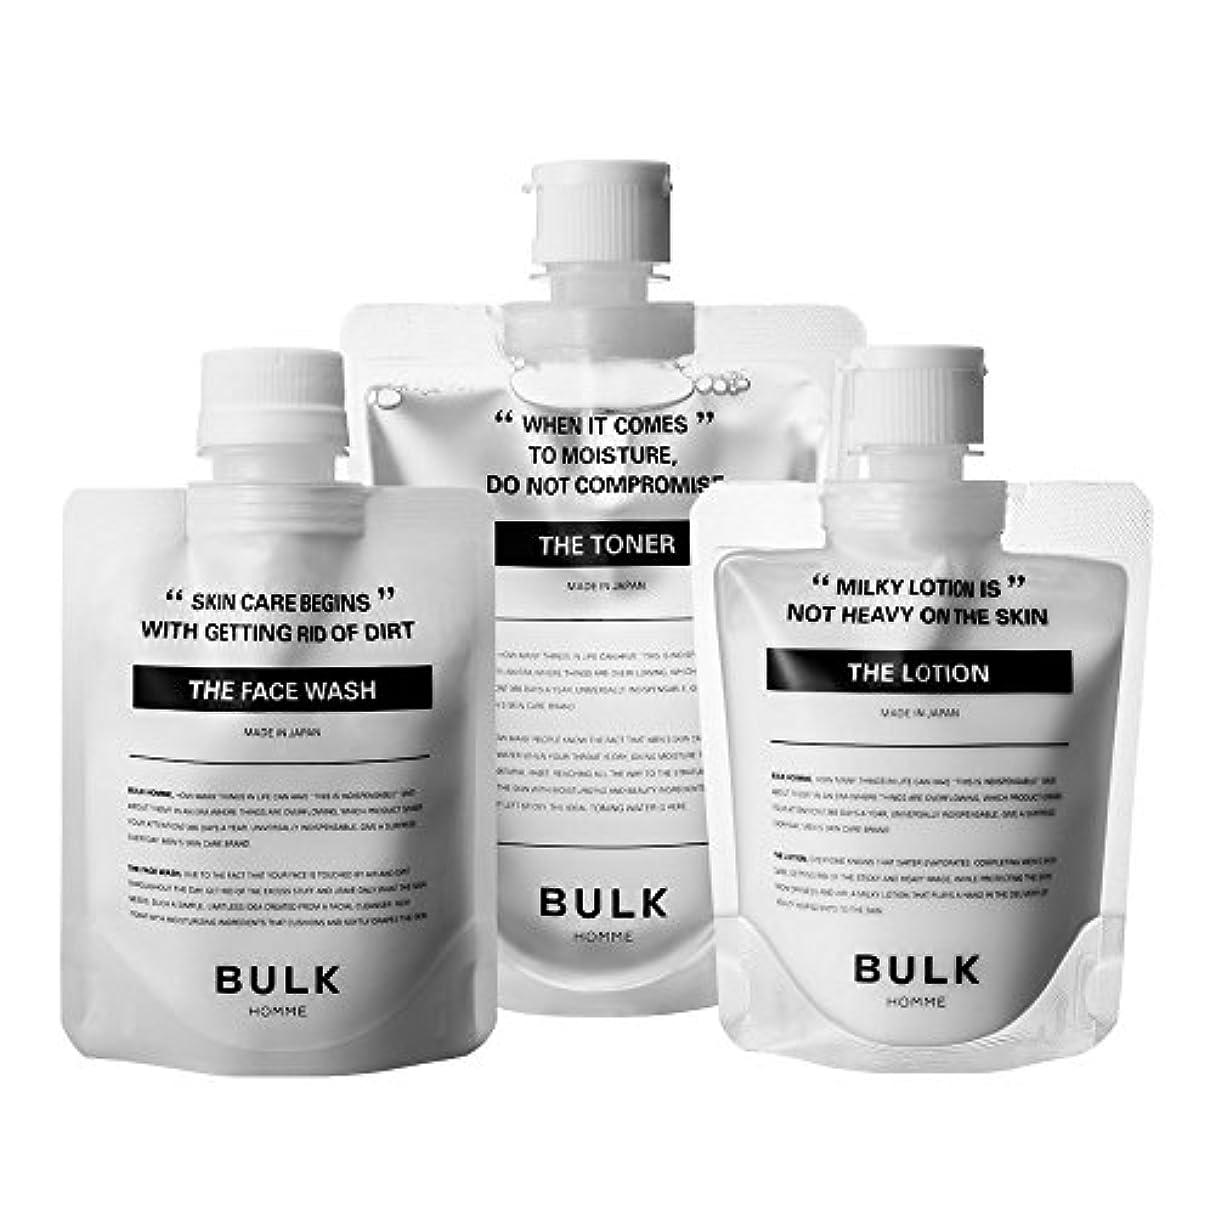 ランチョン決めますペンフレンドバルクオム (BULK HOMME) バルクオム フェイスケアセット(メンズスキンケア) 洗顔&化粧水&乳液 プレゼント袋なし